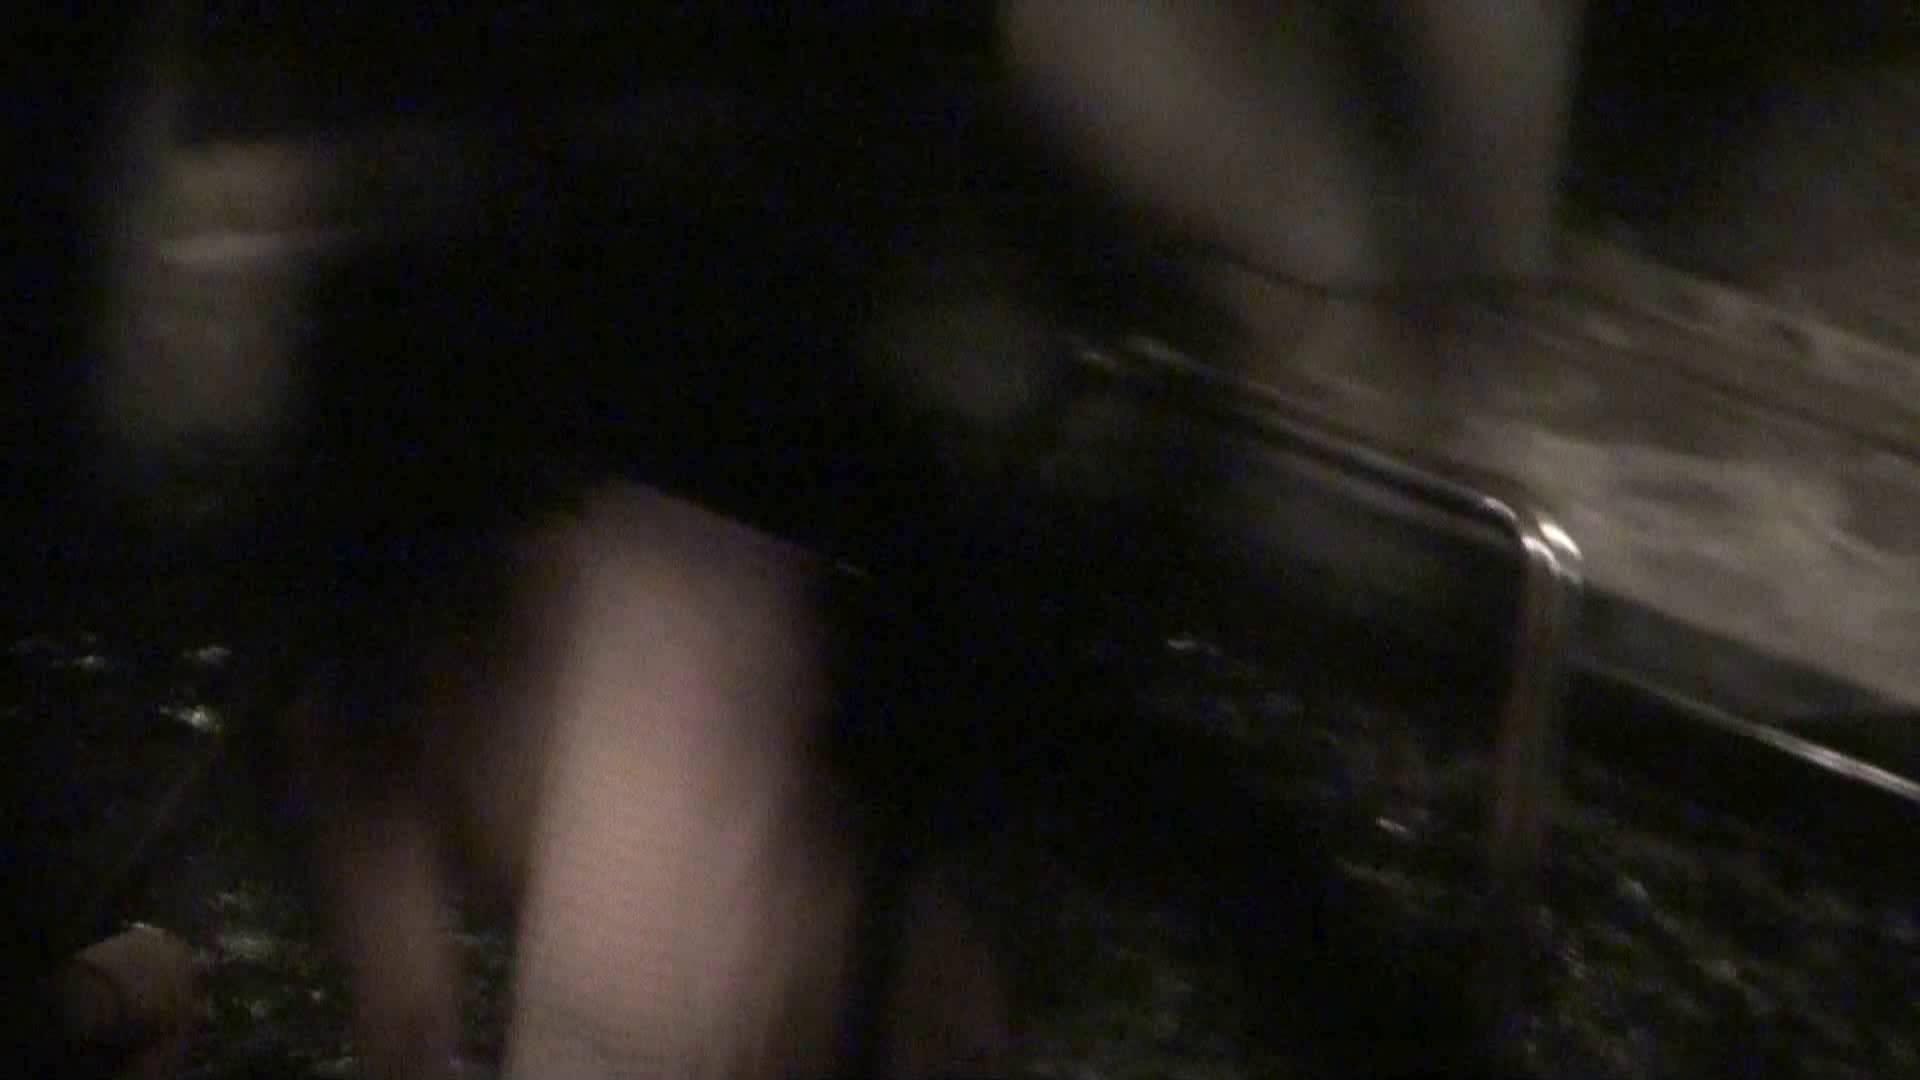 Aquaな露天風呂Vol.334 美しいOLの裸体 | 盗撮師作品  102pic 31